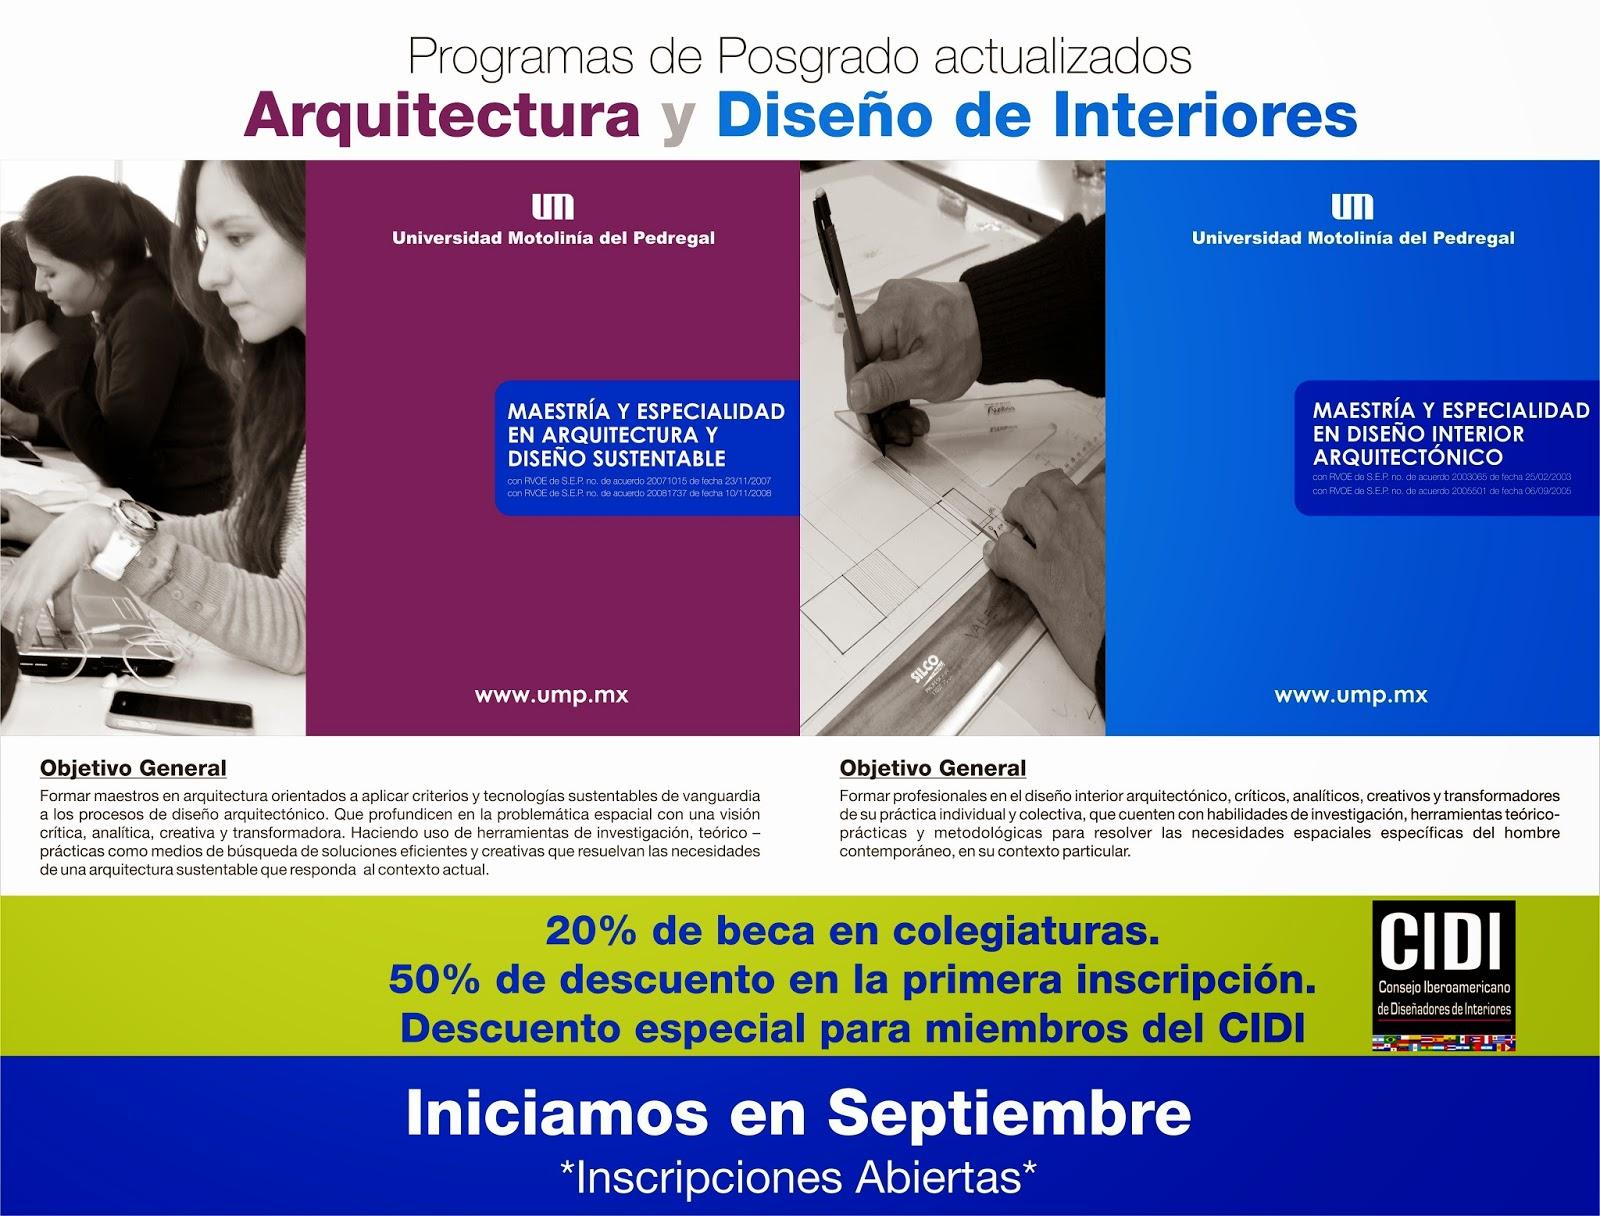 Cidi newsletter becas y descuentos para miembros cidi en for Maestria en arquitectura de interiores